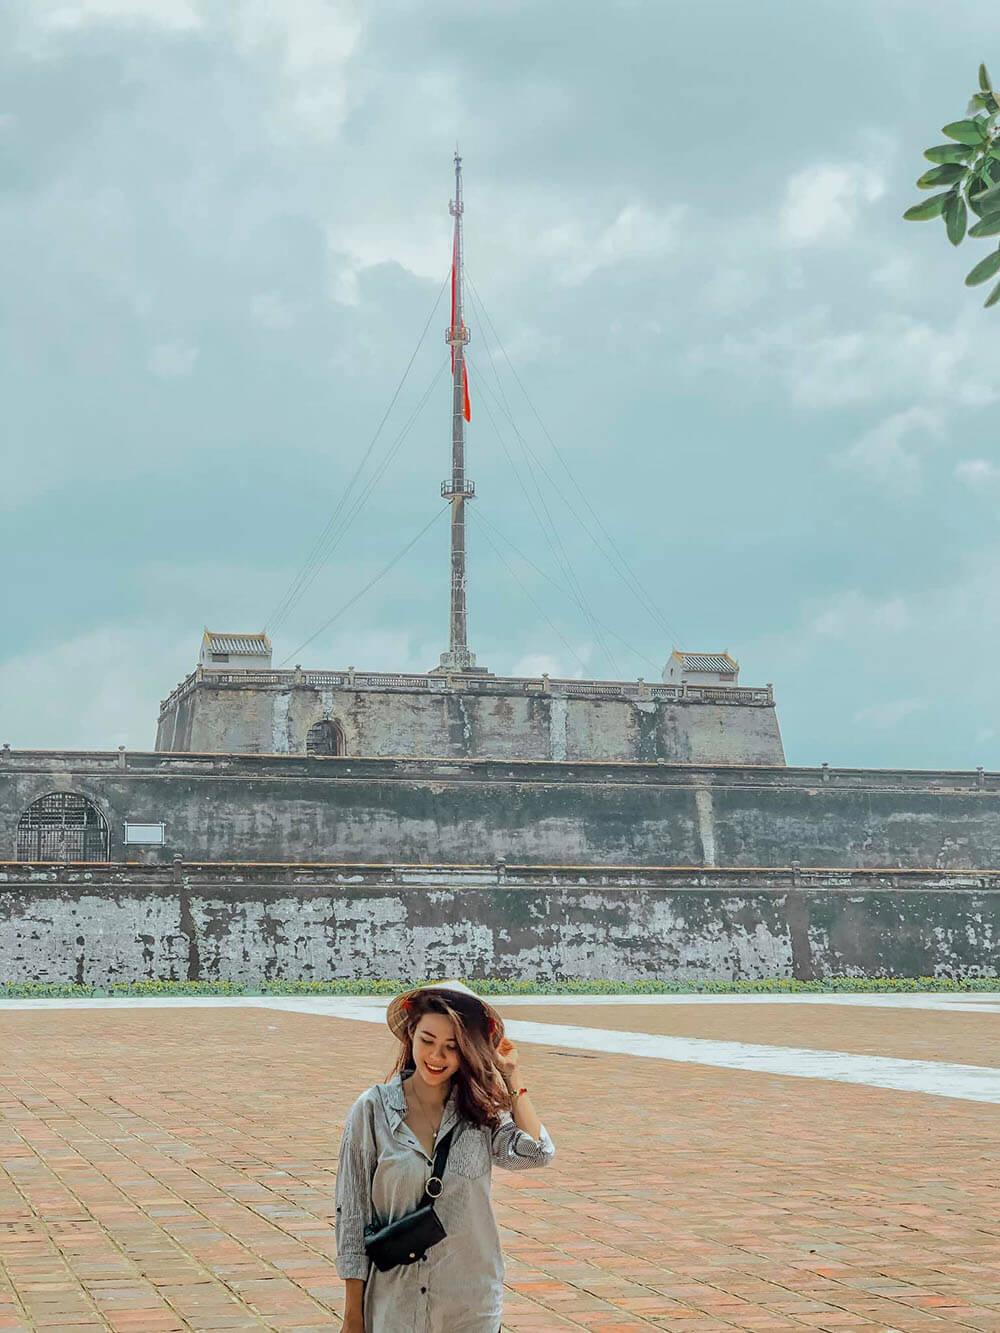 Quan The Di Tich Hoan Cung Hue Dai Noi Hue Review Hue Da Nang Hoi An Ninh Binh 7n7d Chi Voi 8 Trieu Tin Duoc Khong 02